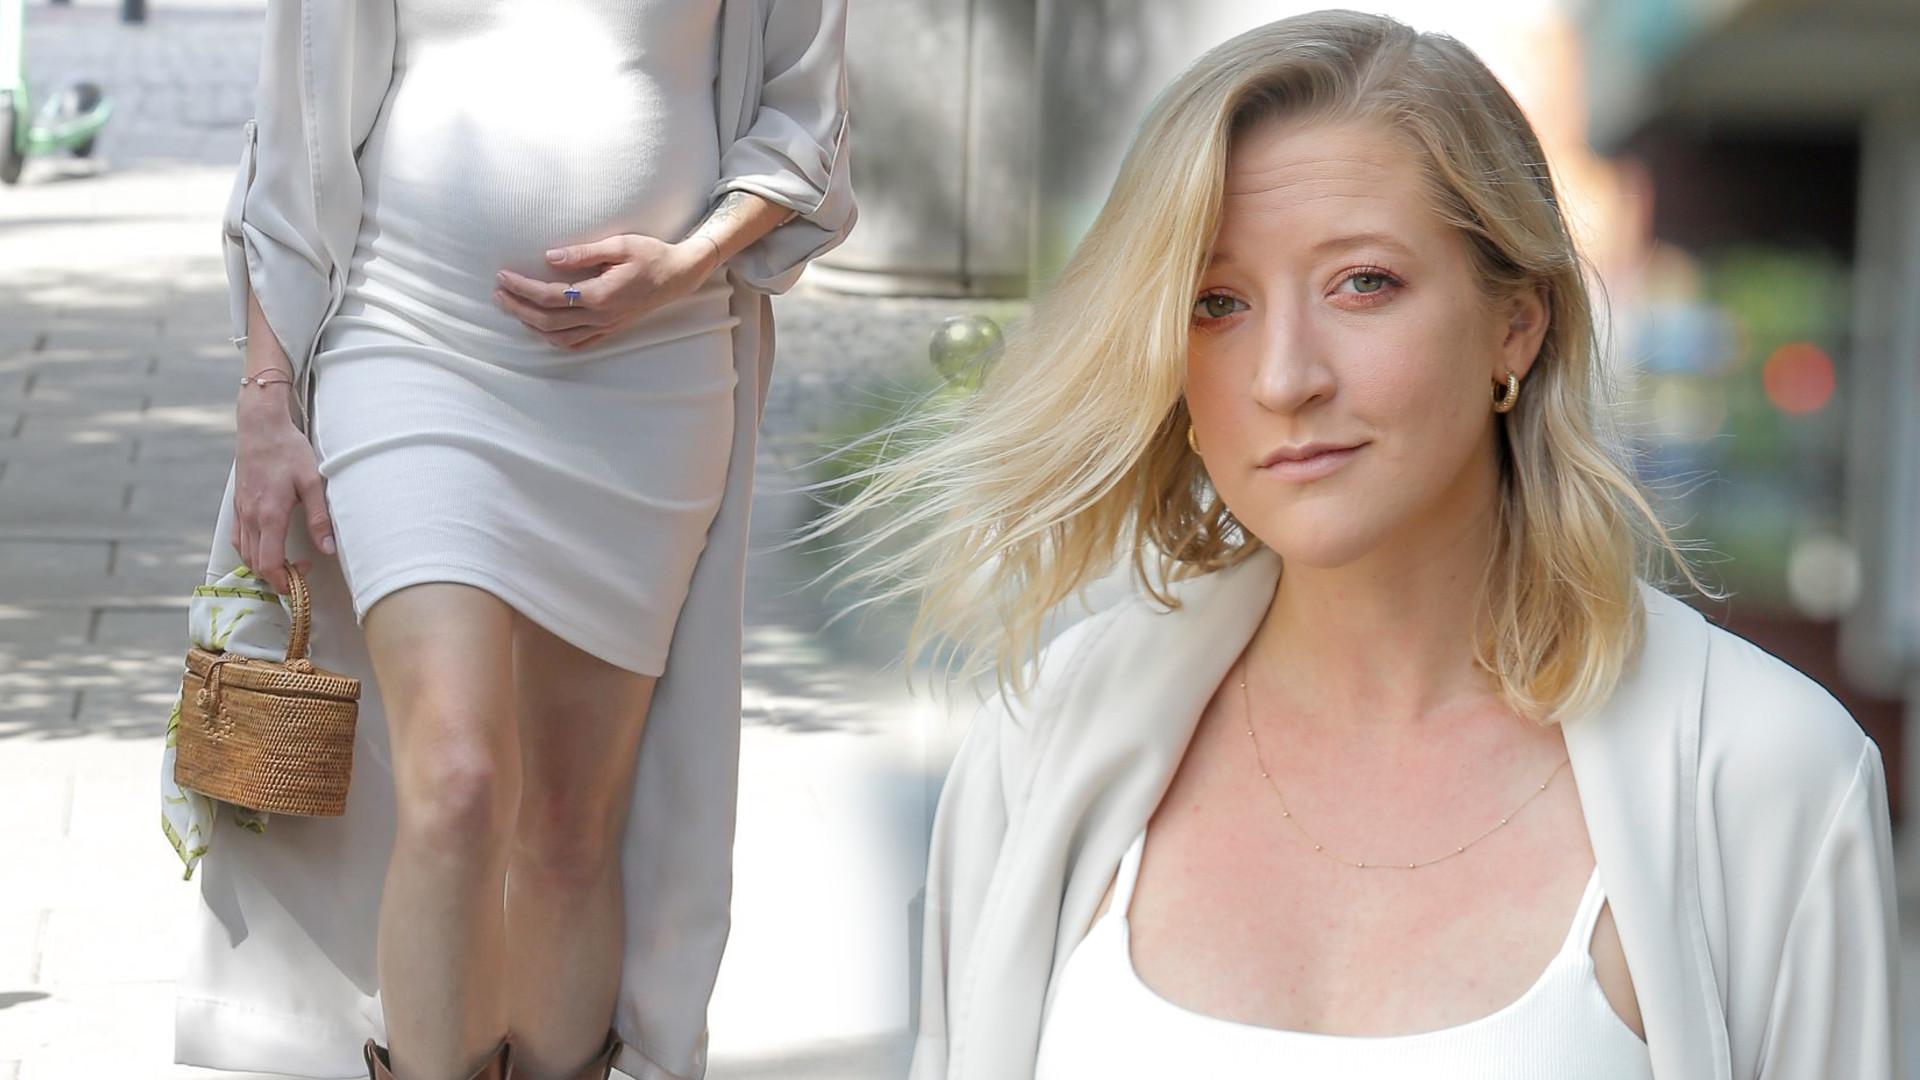 Lara Gessler SZCZERZE opowiedziała o ciąży. Ile przytyła, kiedy poinformowała bliskich i na jaki poród się zdecydowała?